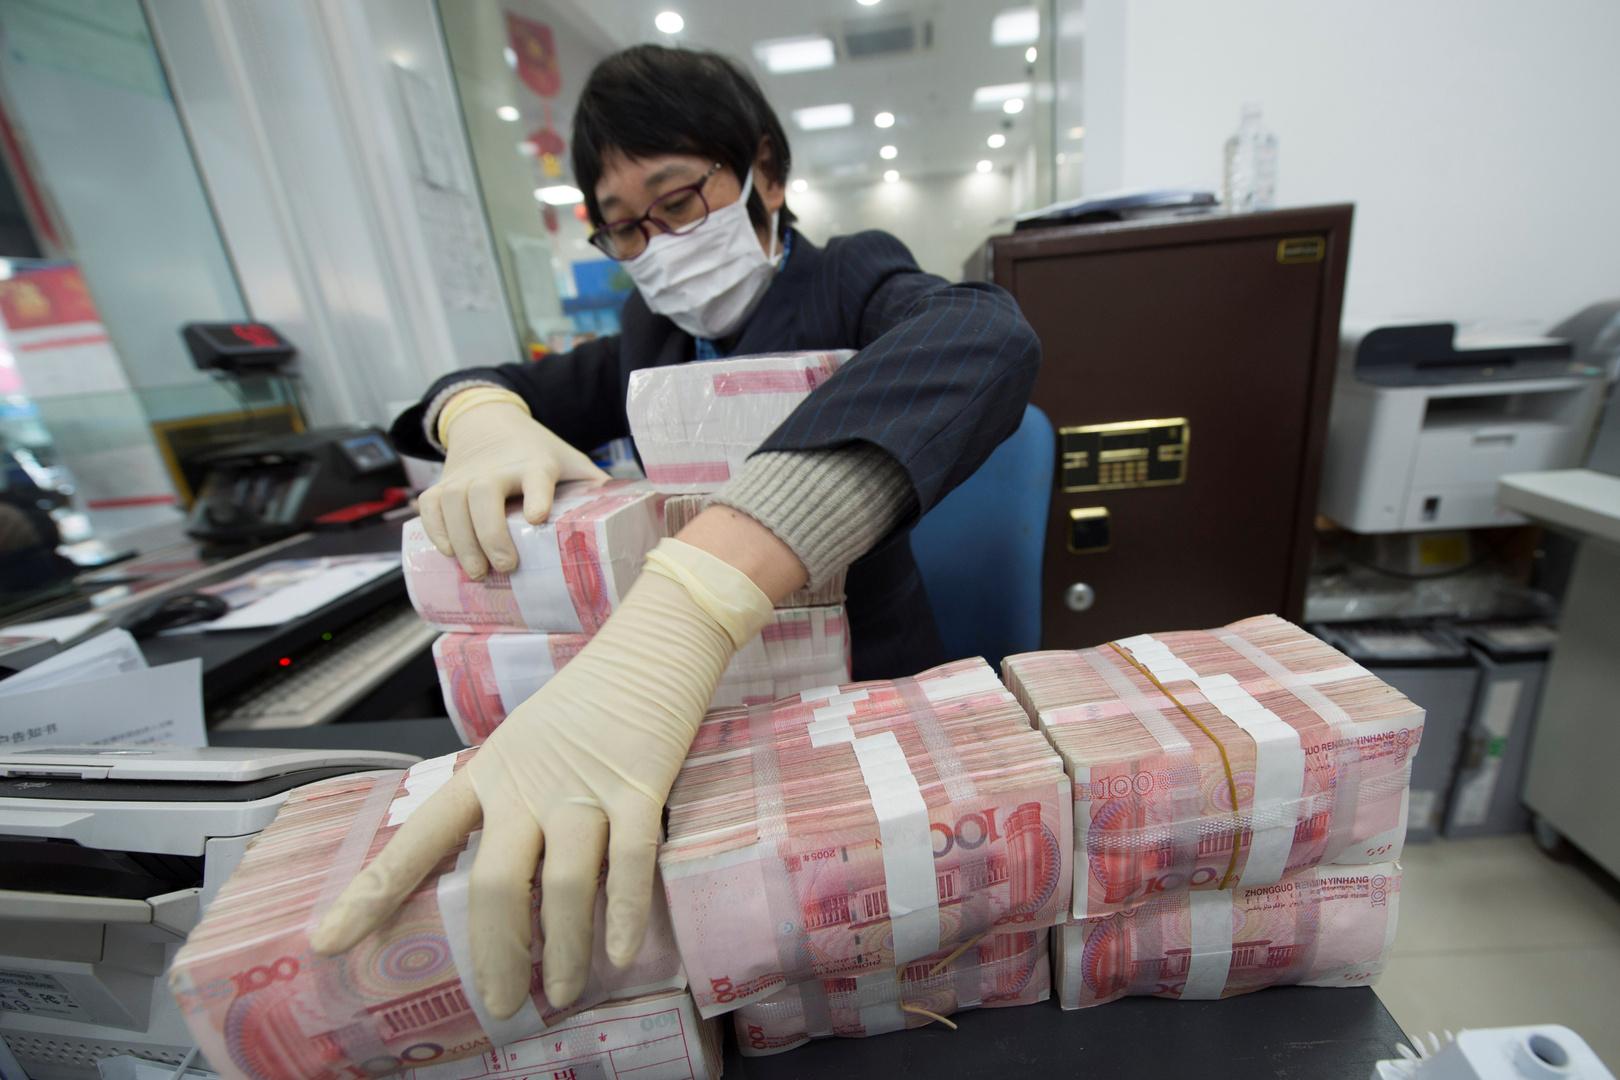 موظف يرتدي قناعًا للوجه يرتب أكوام الأوراق النقدية لليوان الصيني في أحد البنوك في نانتونغ